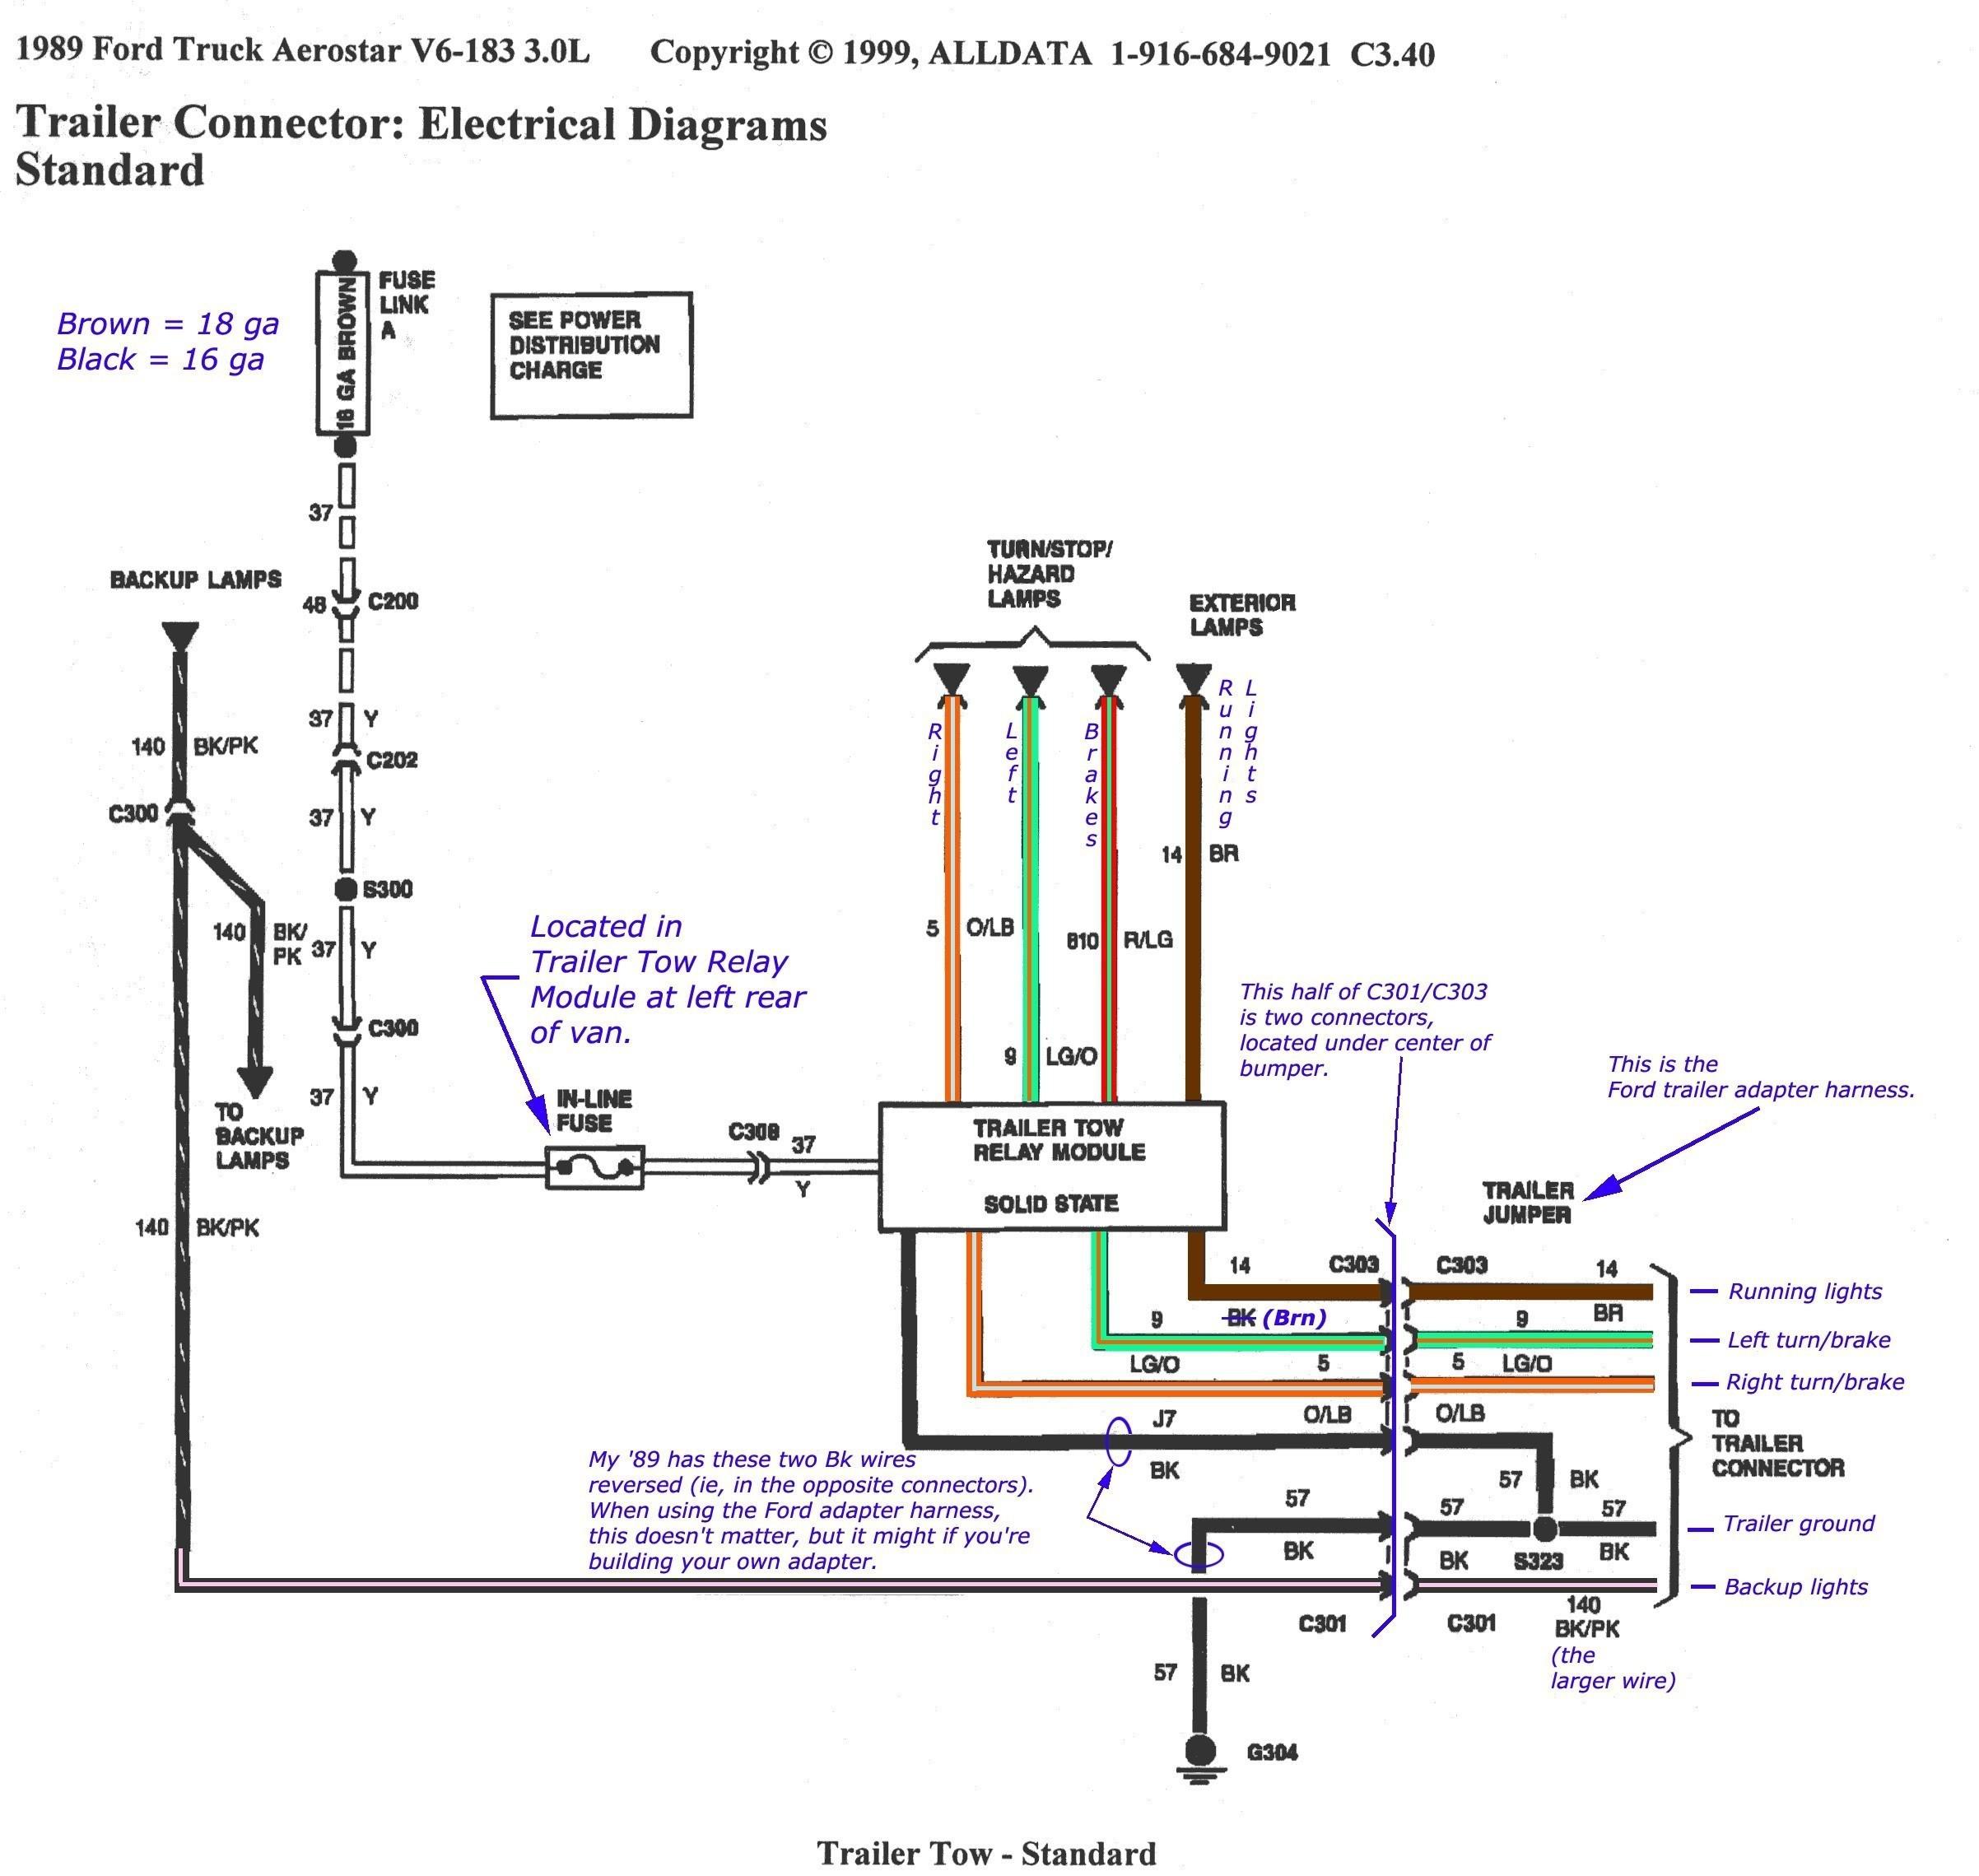 1995 ford f250 trailer wiring diagram ford trailer wiring diagram collection wiring diagrams for utility trailer best utility trailer wiring diagram wiring diagram 20r